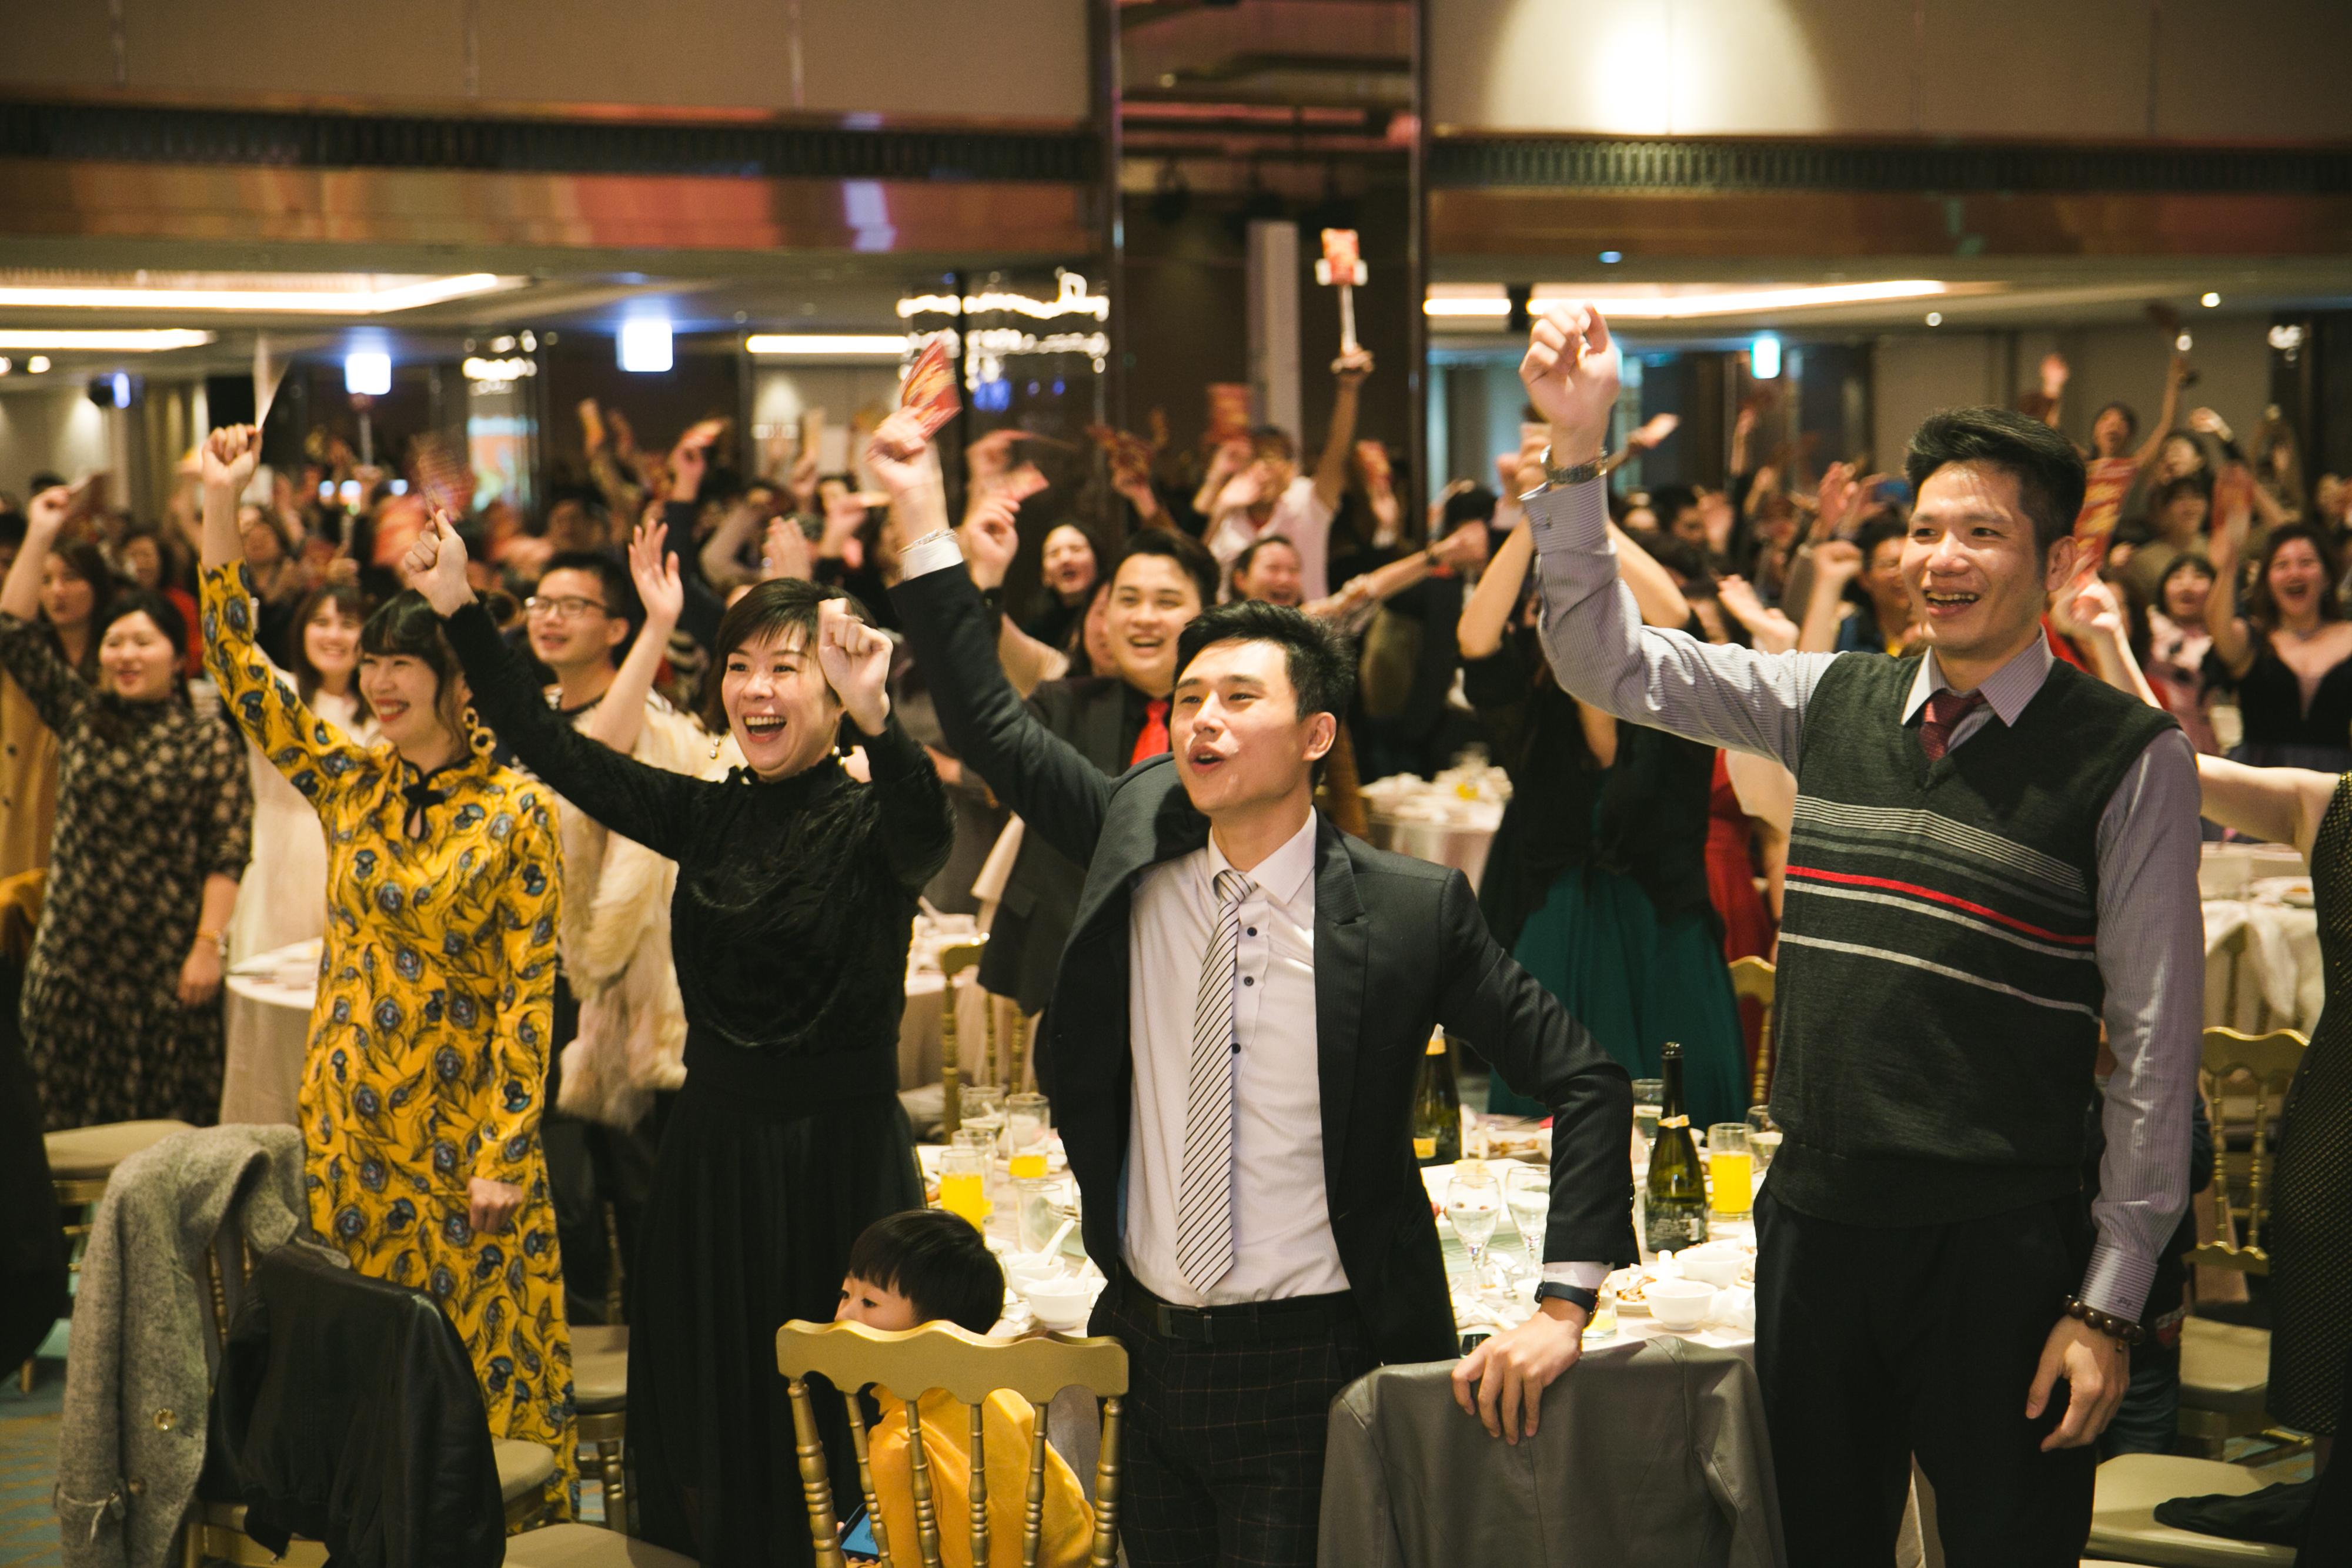 創造美麗、富足、健康的本土企業麗富康國際,於元月18日於台中金典酒店隆重舉辦麗富康國際歲末慶豐收盛宴。現場華燈璀璨、氣氛熱烈,來自全國各地的經銷商歡聚一堂,為這場盛宴拉開序幕。麗富康國際歲末慶豐收除了準備豐盛美味的佳餚,也邀請了重量級爵士樂團「紅色炸彈」擔任演出嘉賓,兩位歌手準備一系列的熱門歌曲,像是山頂的黑狗兄、來個蹦蹦、我是一隻小小鳥等經典歌曲,其中唱到「山頂的黑狗兄」時,全場嘉賓一起站起來熱舞,而在抒情歌曲「剛好遇見你」麗富康公司更是精心準備一段影片,是這一年經銷商會員們參加公司大大小小活動的回顧照片,唱到「三天三夜」時兩位歌手帶領著麗富康的夥伴手搭著肩,圍成一個大圓繞場慶賀,象徵人圓家圓事業圓預祝麗富康2020事事圓滿,將現場氣氛炒到最高點。   還有最萬眾矚目的摸彩抽紅包活動,夥伴們手舉摸彩券全場歡聲雷動,台上台下尖叫聲不斷,期盼自己就是那位中獎的幸運兒!現場氣氛熱烈、熱氣騰騰,麗富康國際執行長更加碼九包大紅包,讓氣氛嗨到最高點。